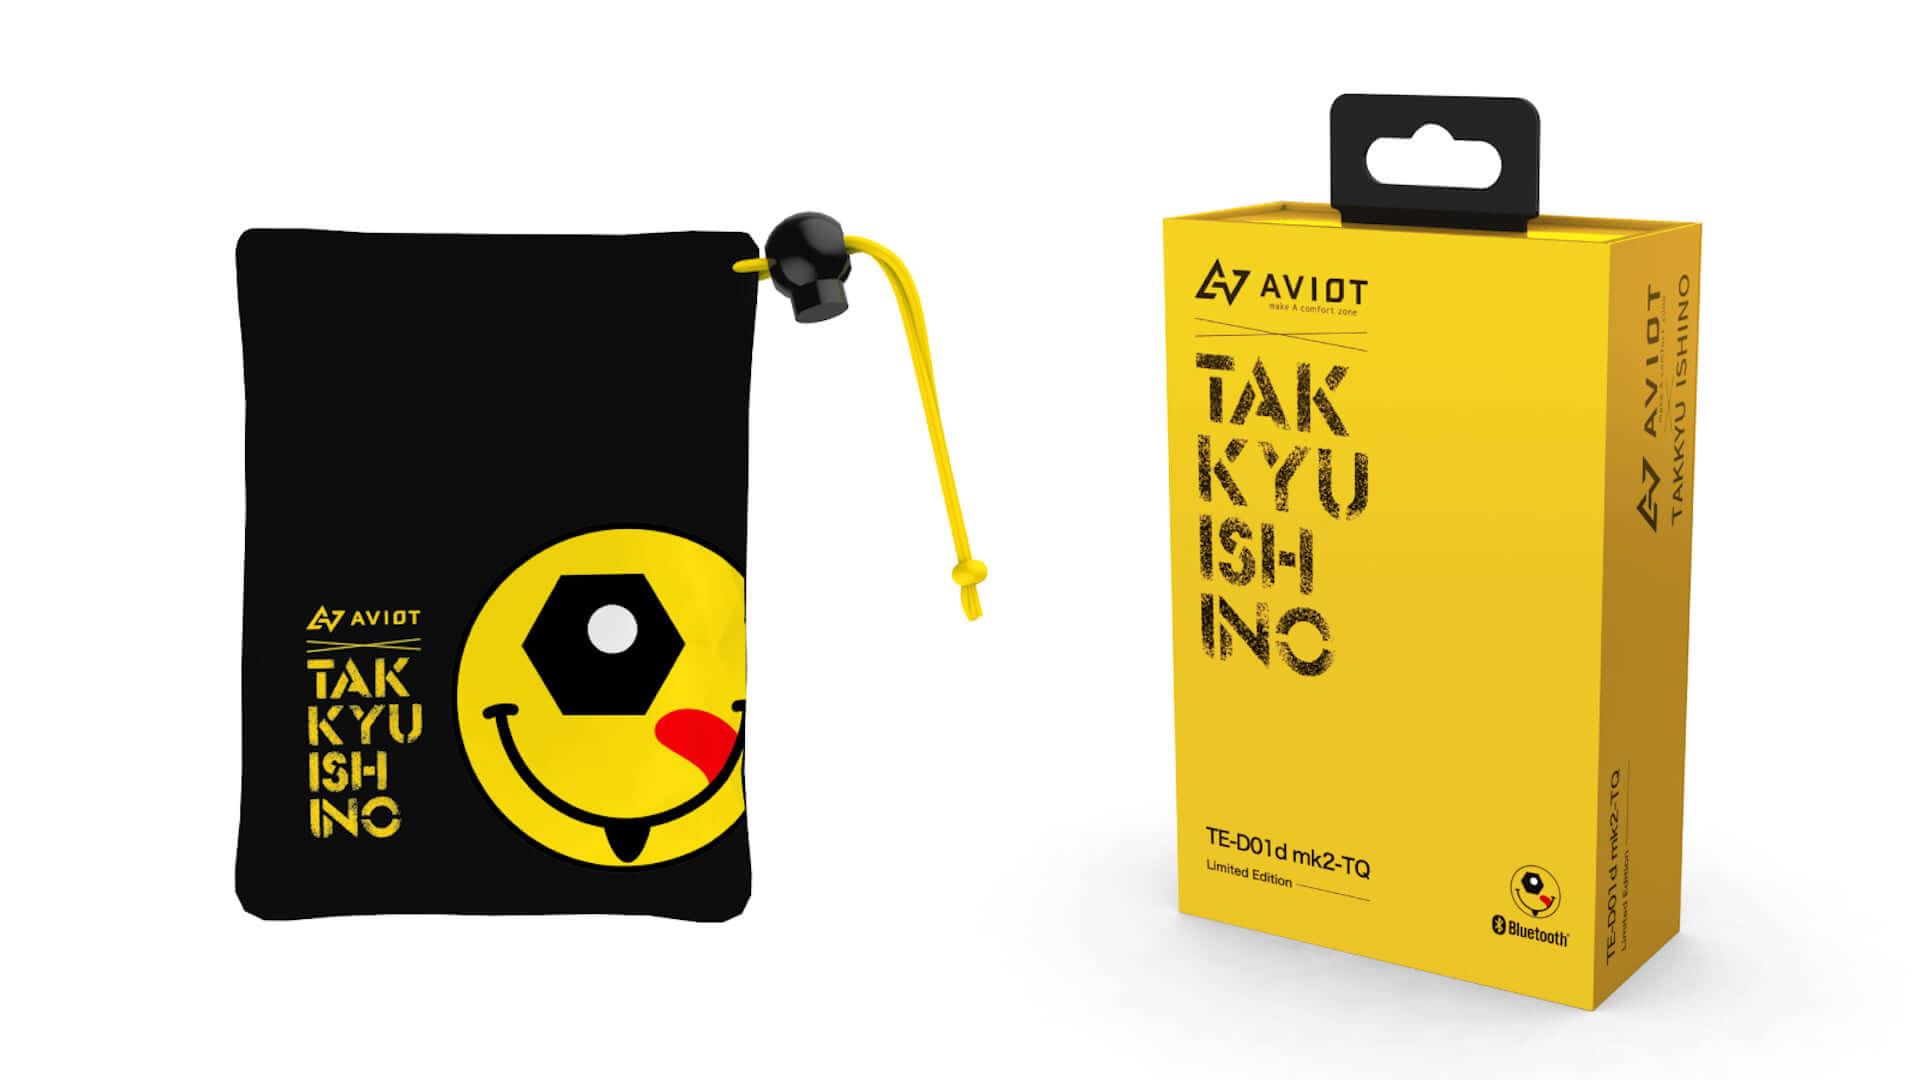 石野卓球とAVIOTが初コラボ!本人監修の完全ワイヤレスイヤホン『TE-D01d mk2-TQ』が発売決定&インタビュー動画も公開 tech200902_aviot-takkyuishino_3-1920x1080